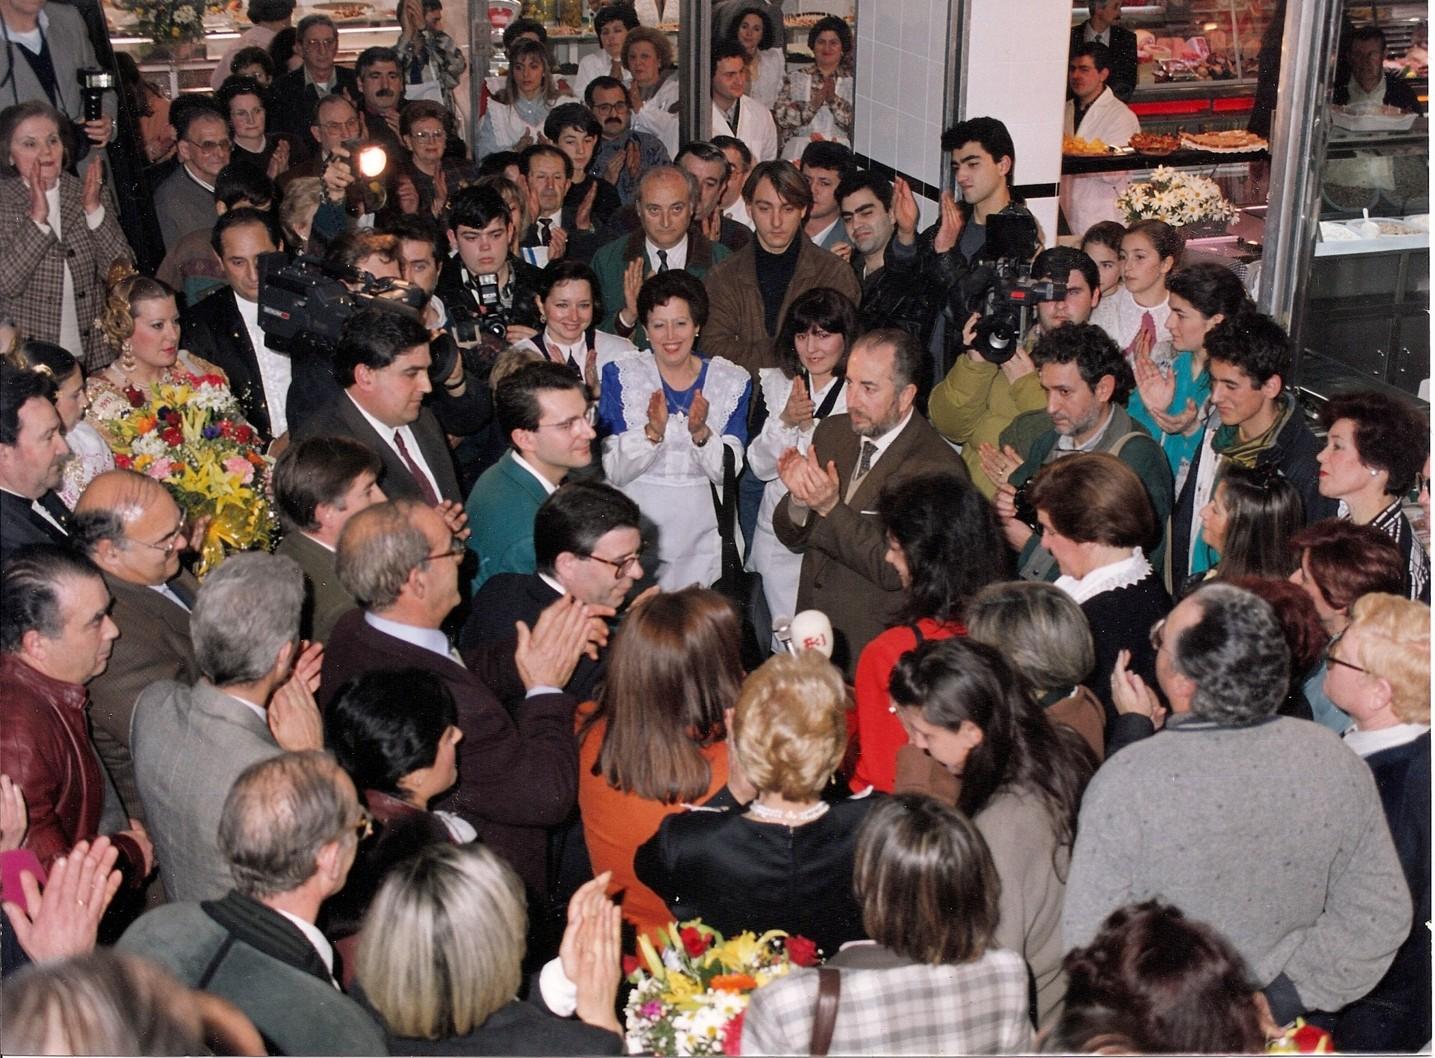 Inauguracion-reforma-mercado-1993 (4)